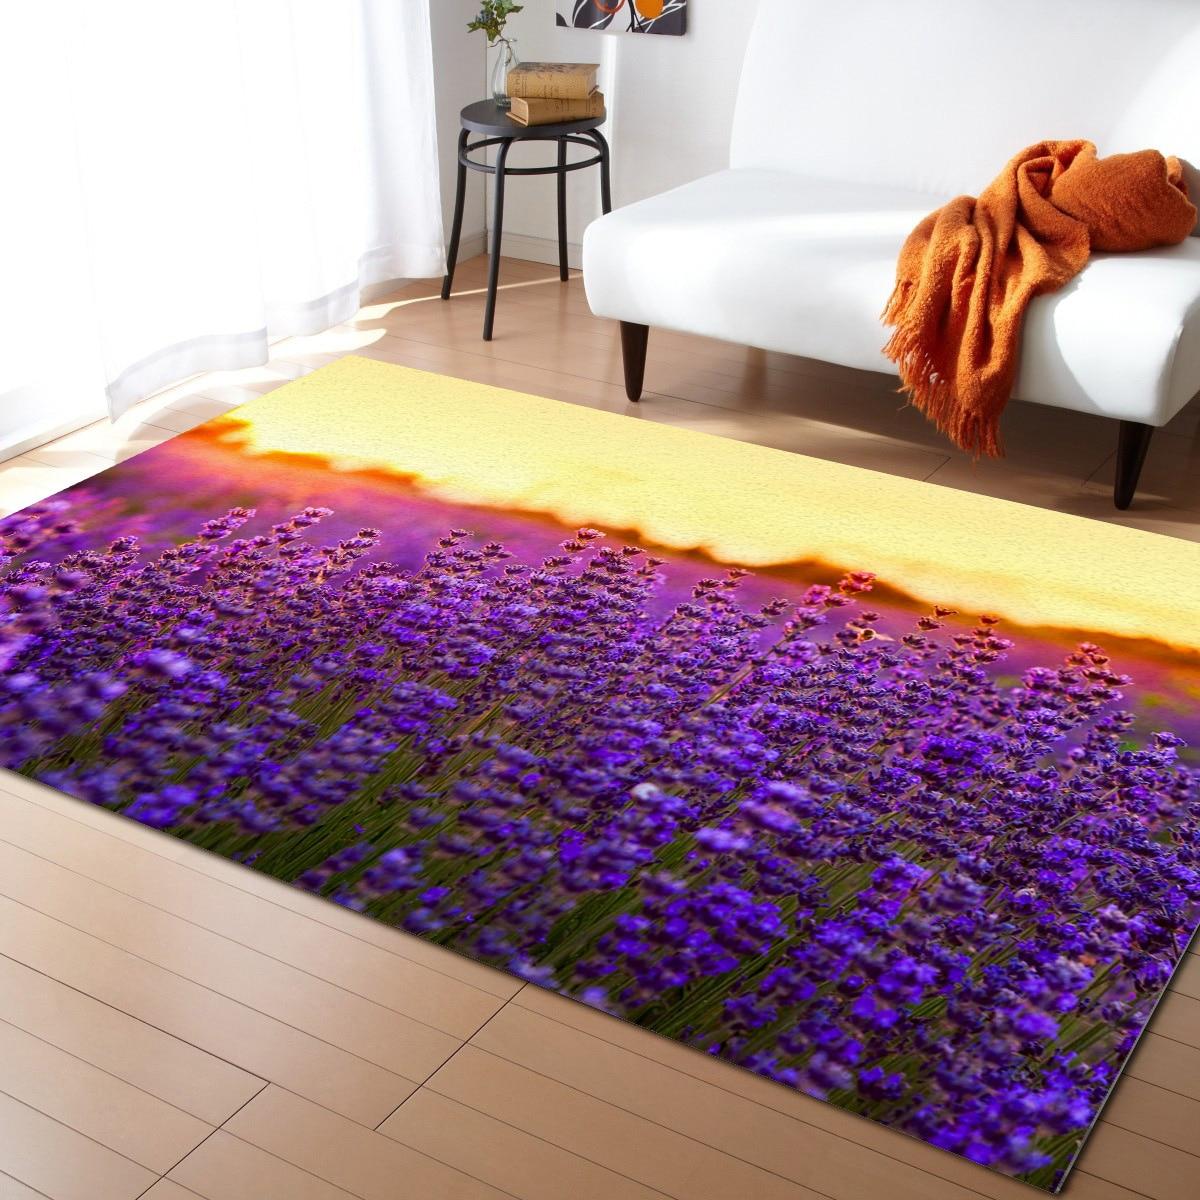 Фиолетовые Лавандовые цветы, цветочные полевые коврики с закатом на кровать, коврики и коврики для дома, гостиной, домашний прикроватный ко...